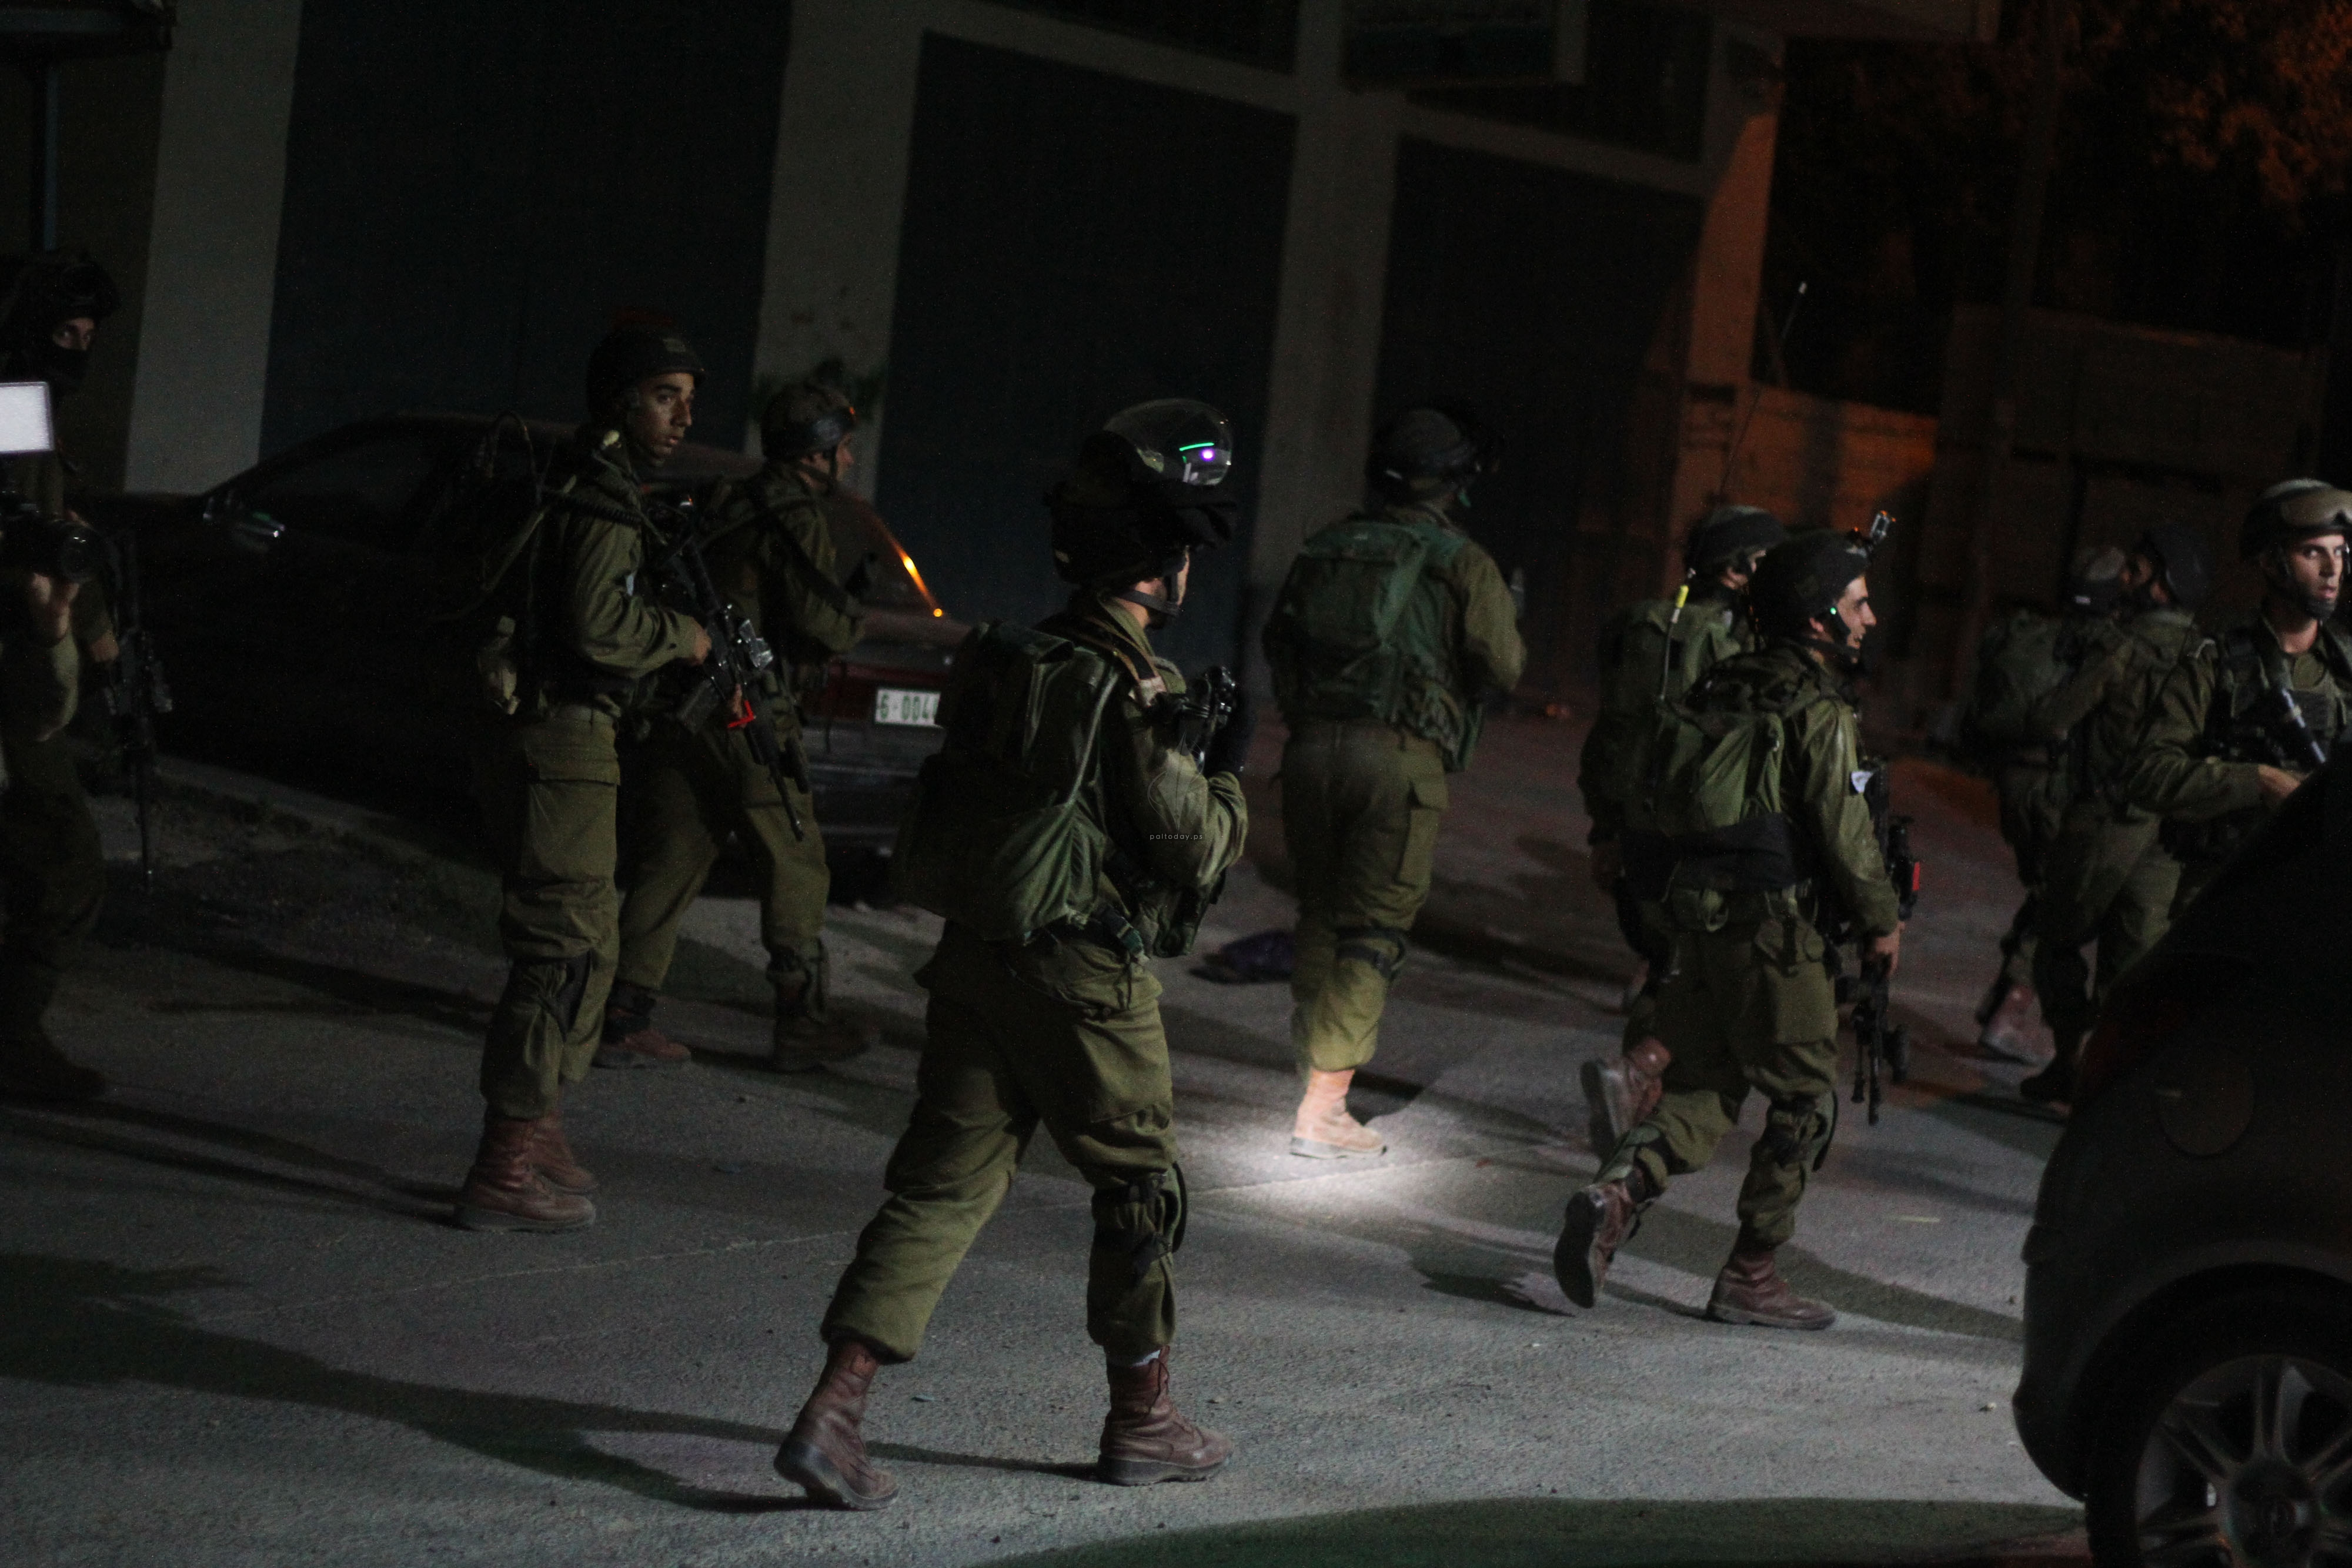 قوات الاحتلال الاسرائيلي تعتقل فلسطينيين بزعم حيازتهما عبوات ناسفة